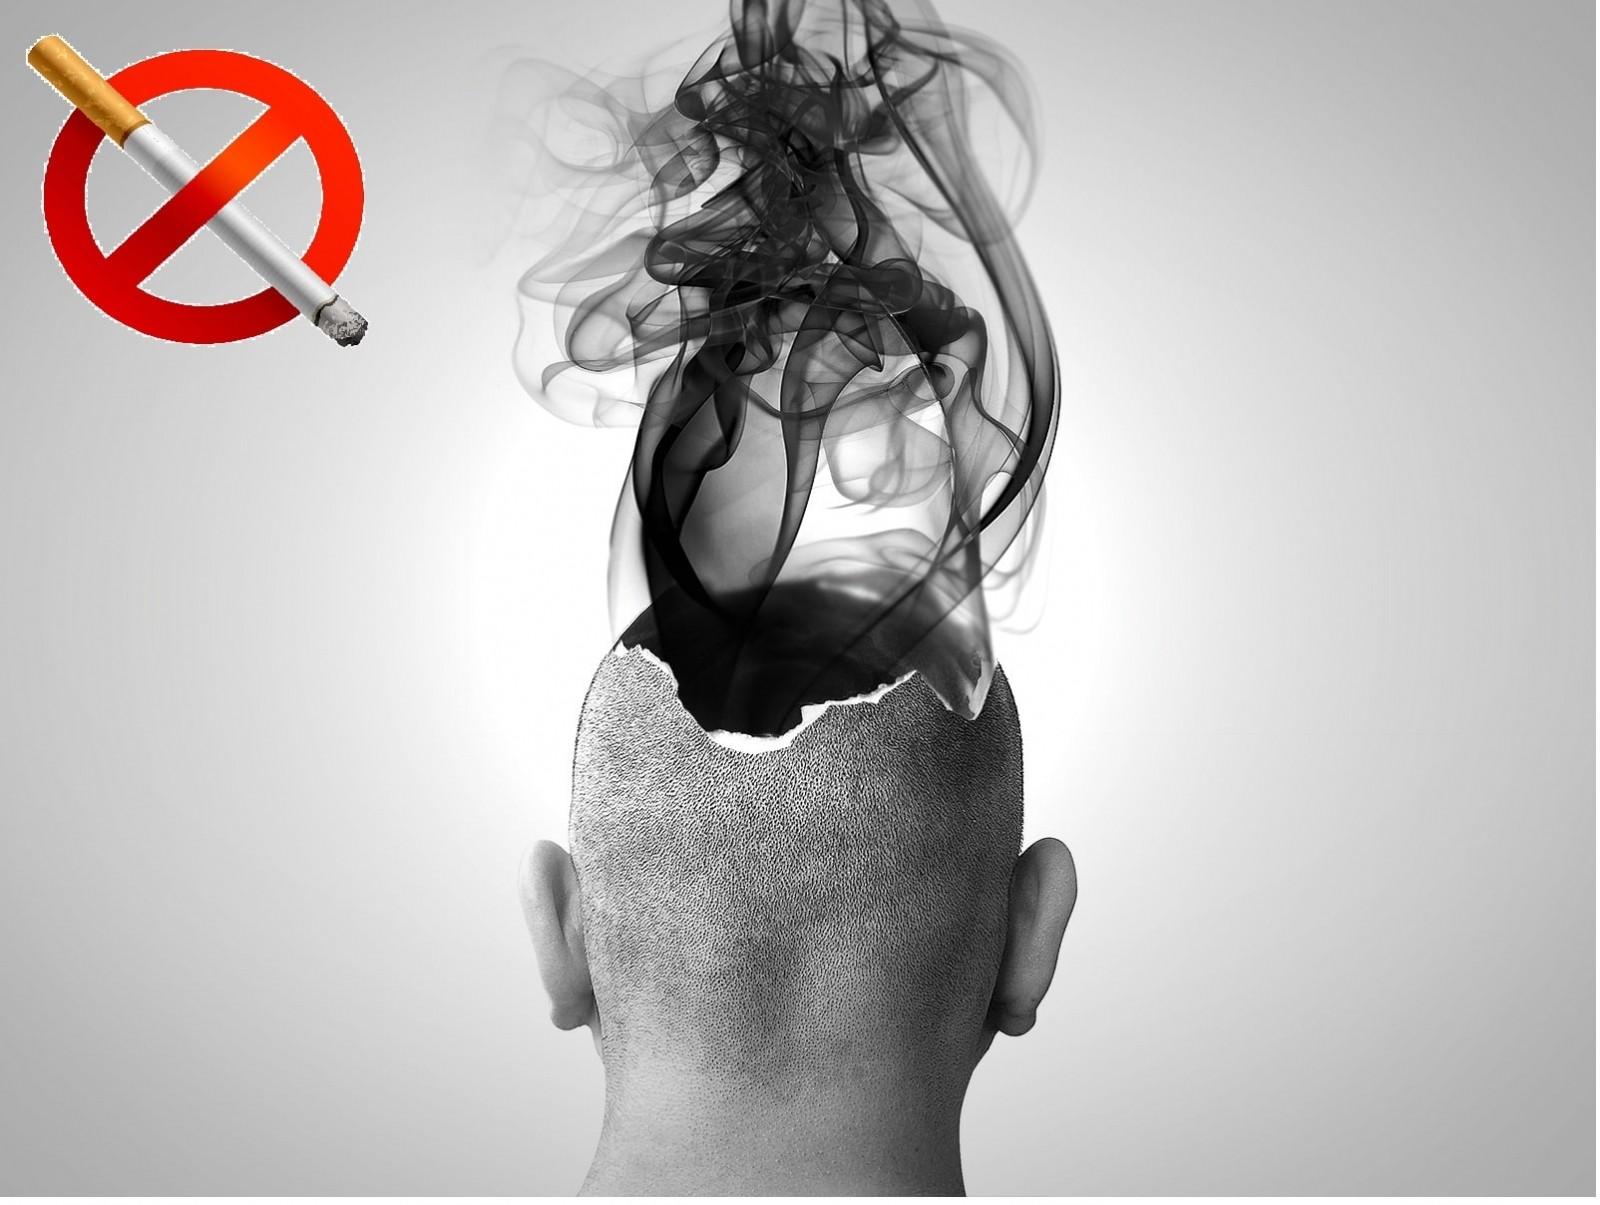 التدخين بعد عملية زراعة الشعر